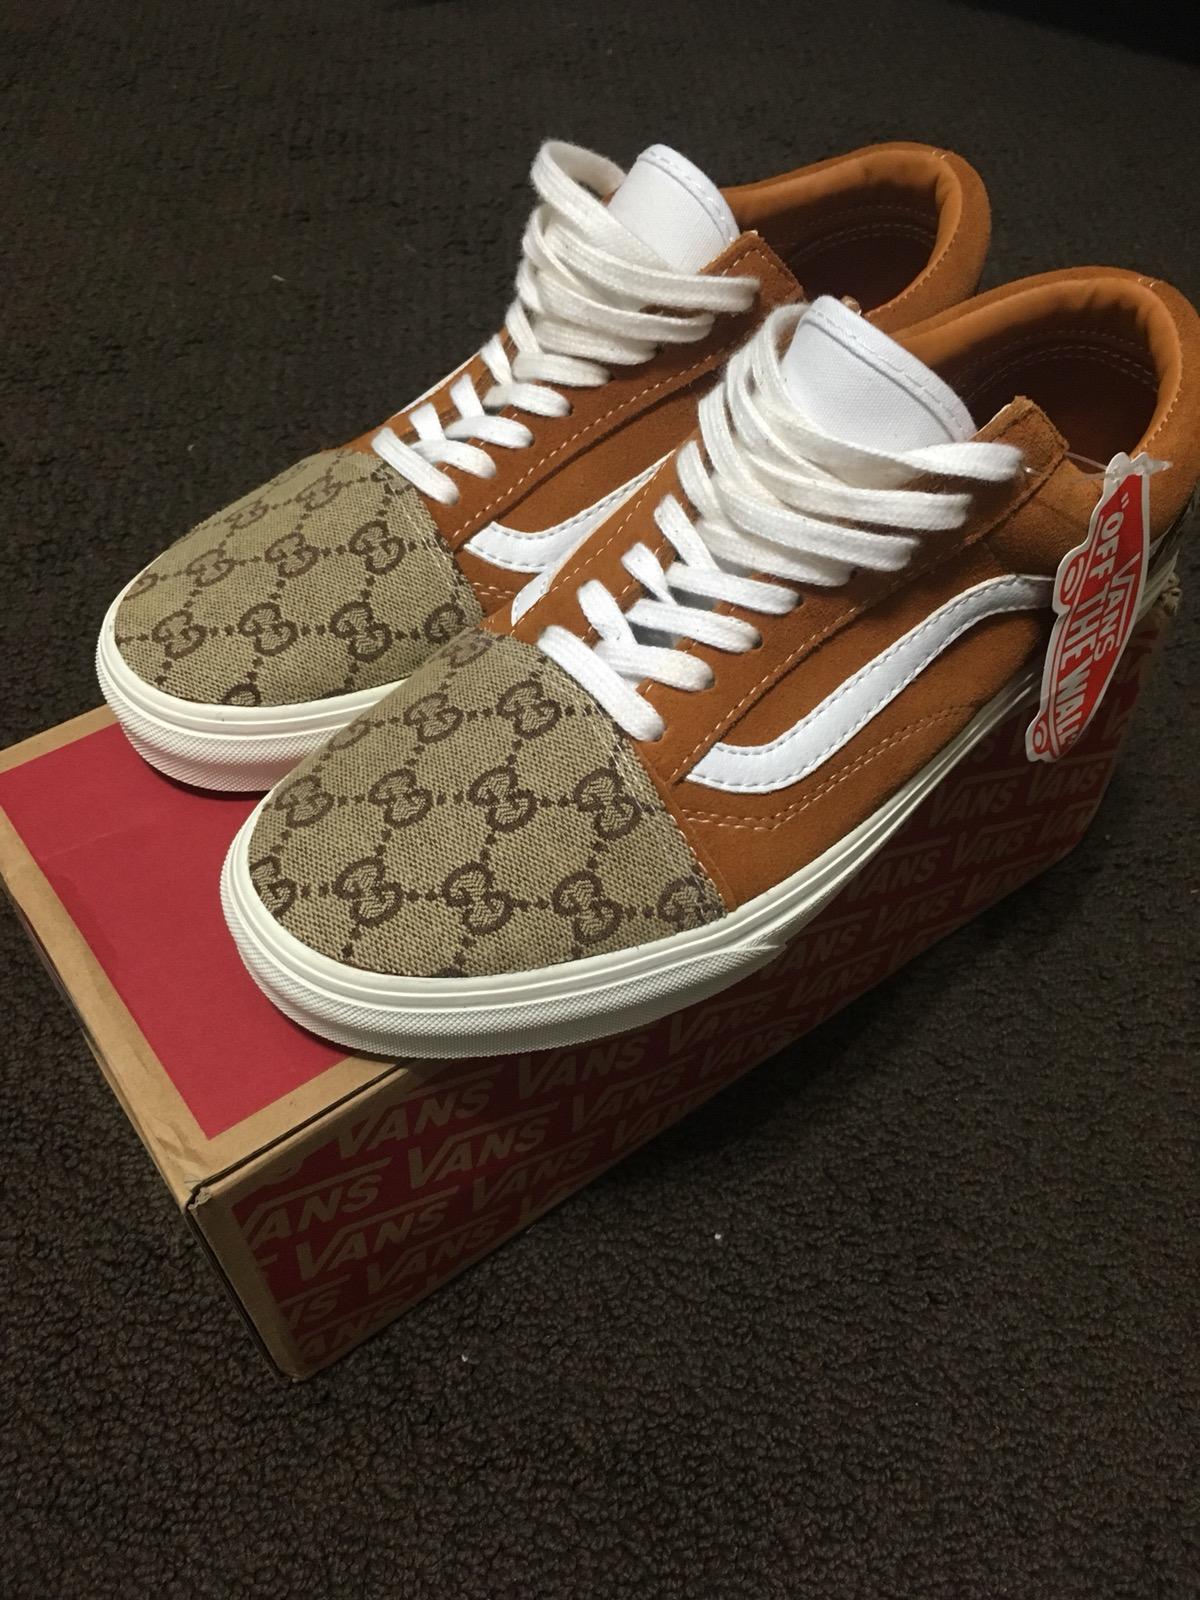 Vans Custom Gucci Vans Brown Old Skool Size 10 - Low-Top Sneakers for Sale  - Grailed df524c1cc